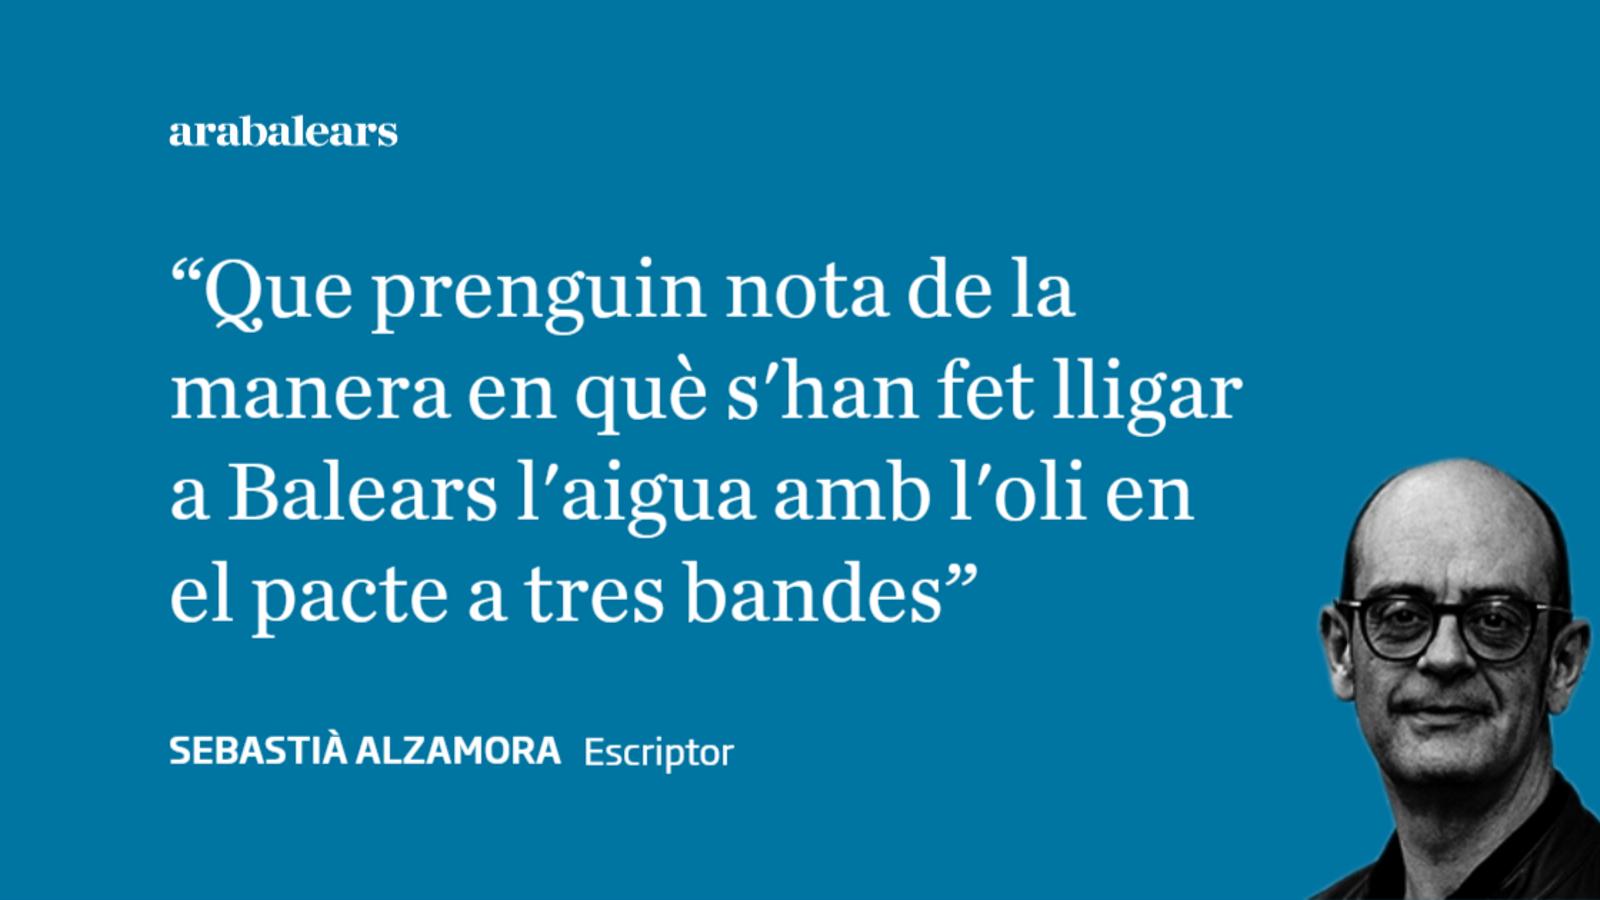 Aprengui de Balears, Pedro Sánchez